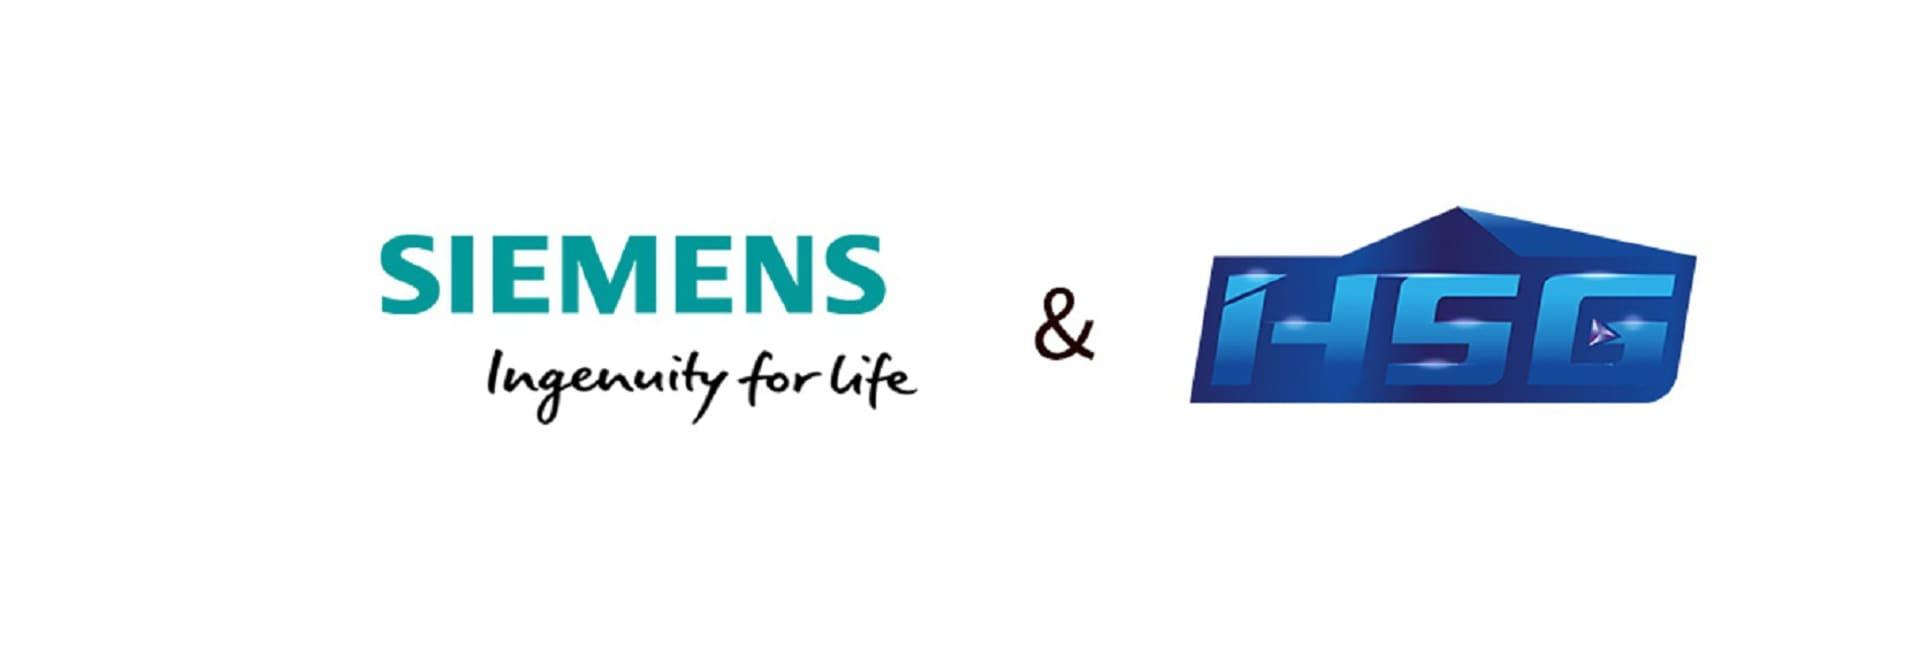 SIEMENS & HSG  Digital and intelligent manufacturing upgrades